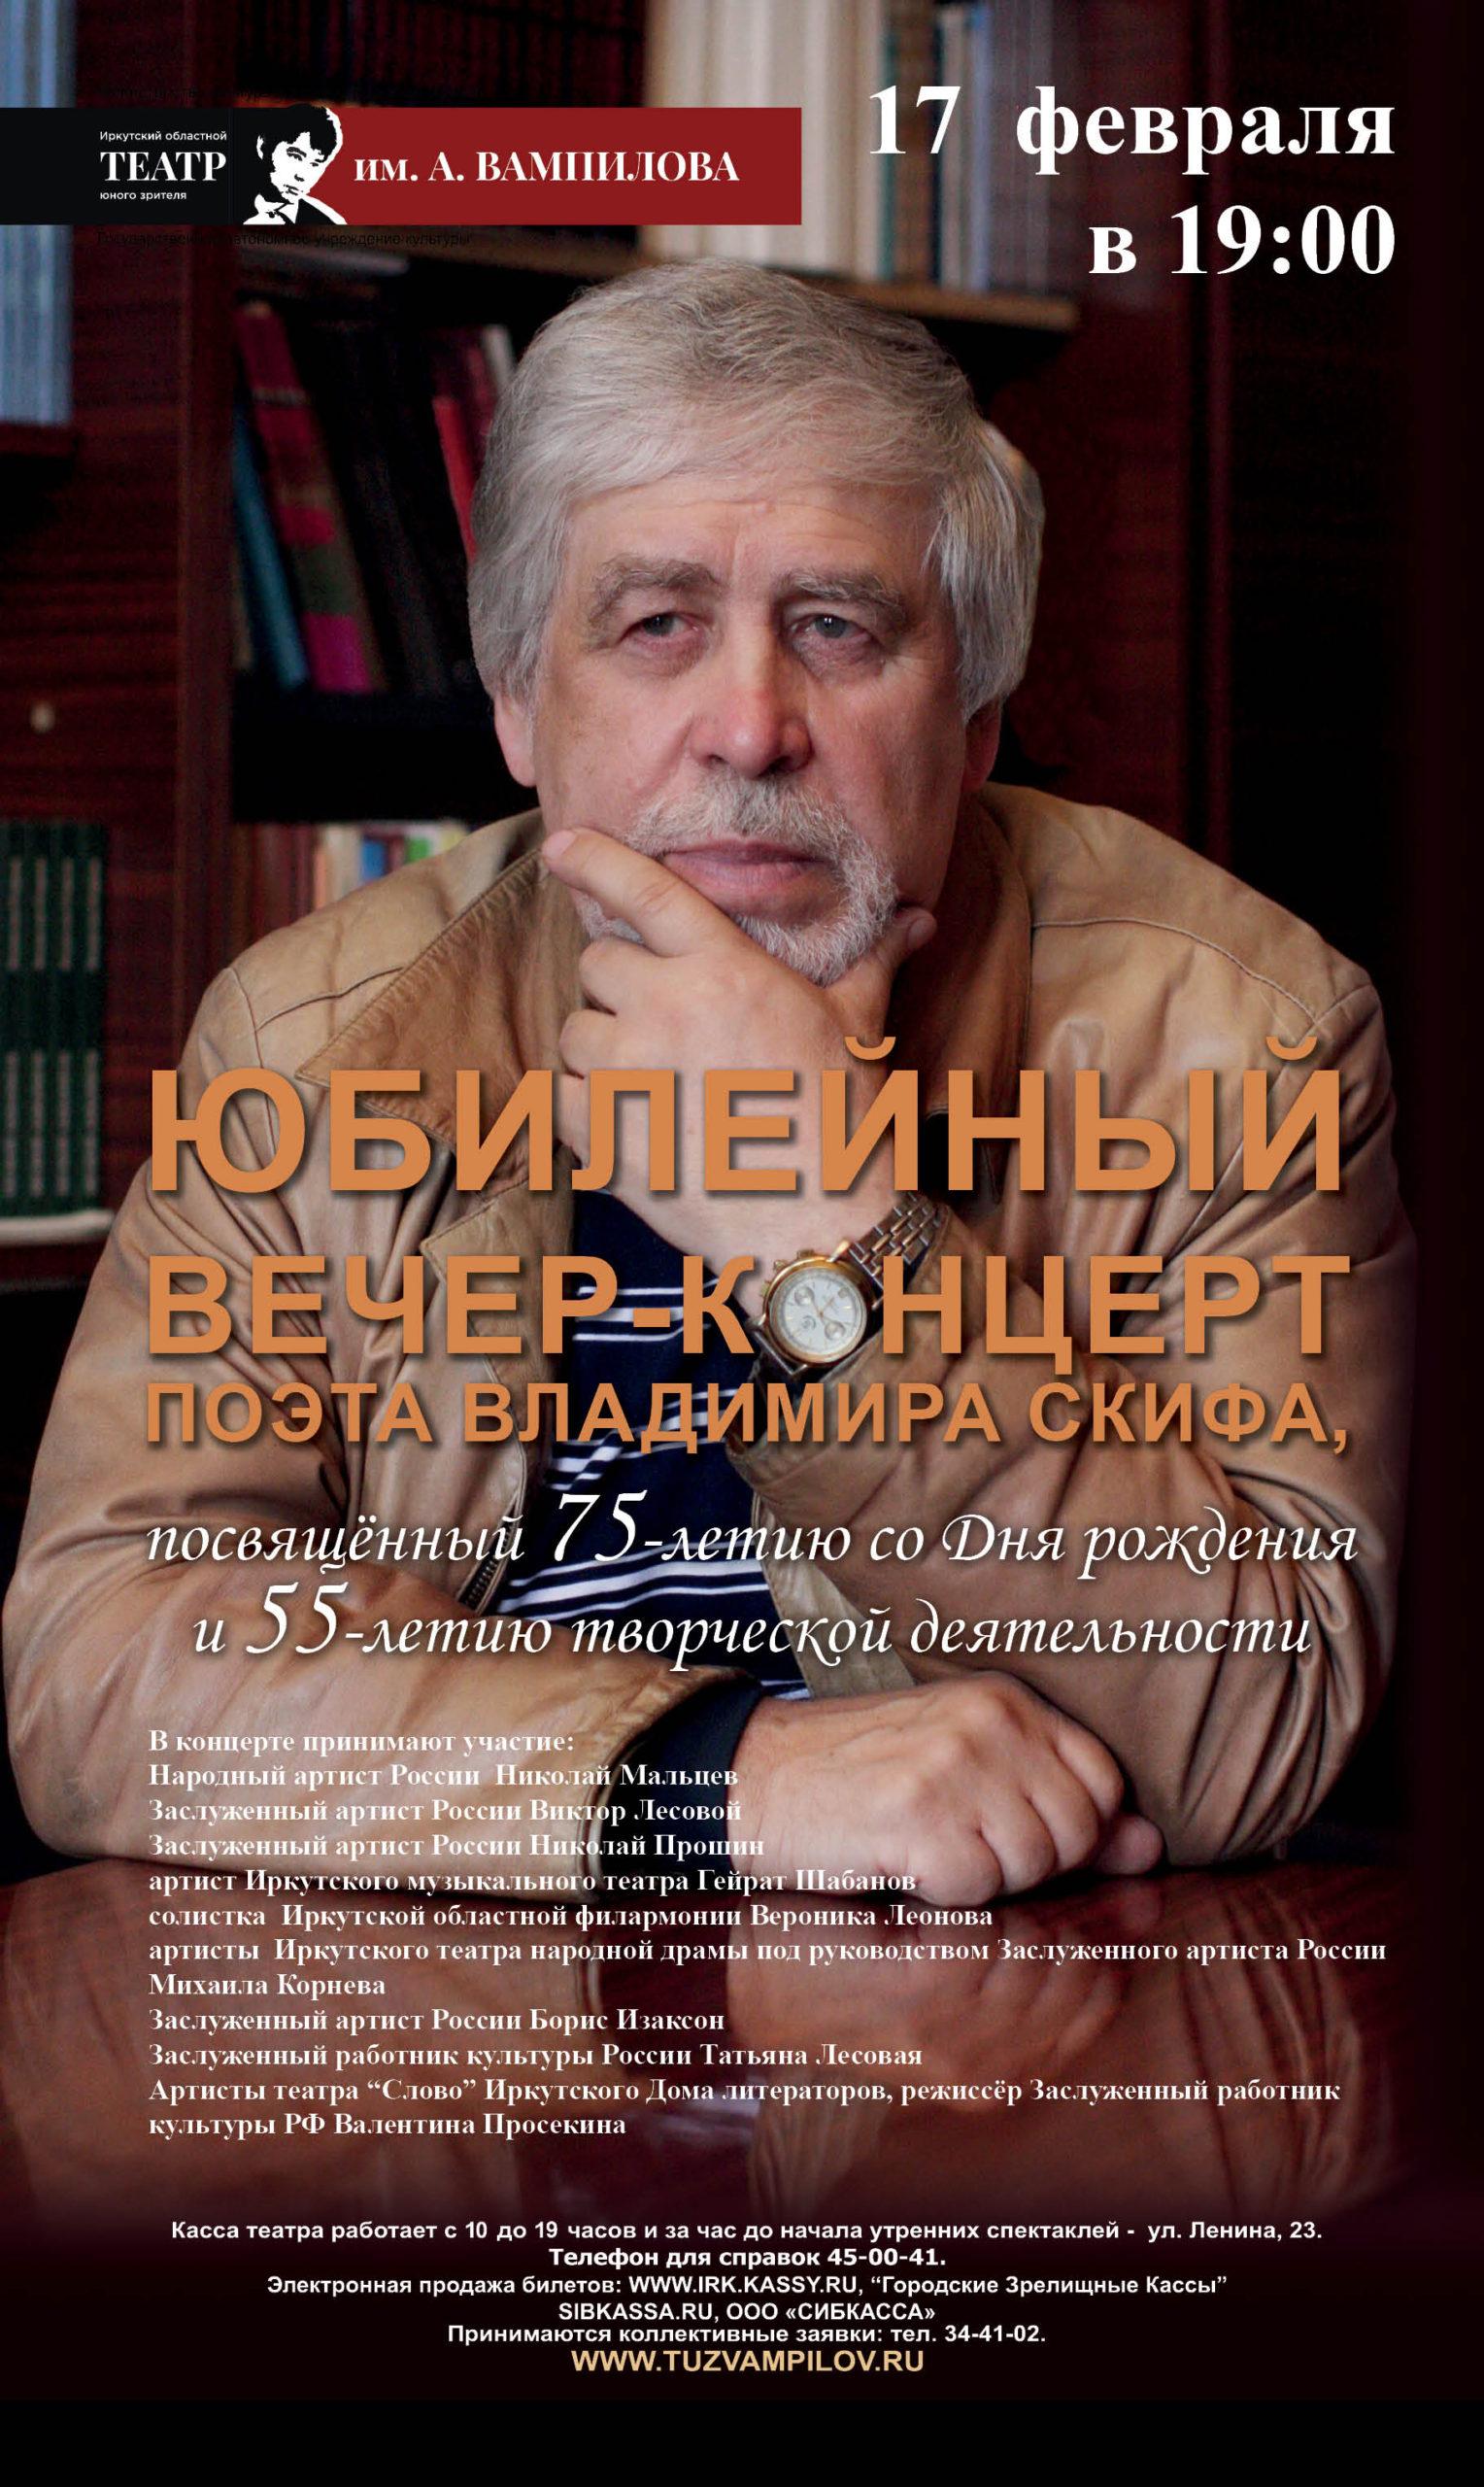 Юбилейный вечер-концерт поэта Владимира  Скифа